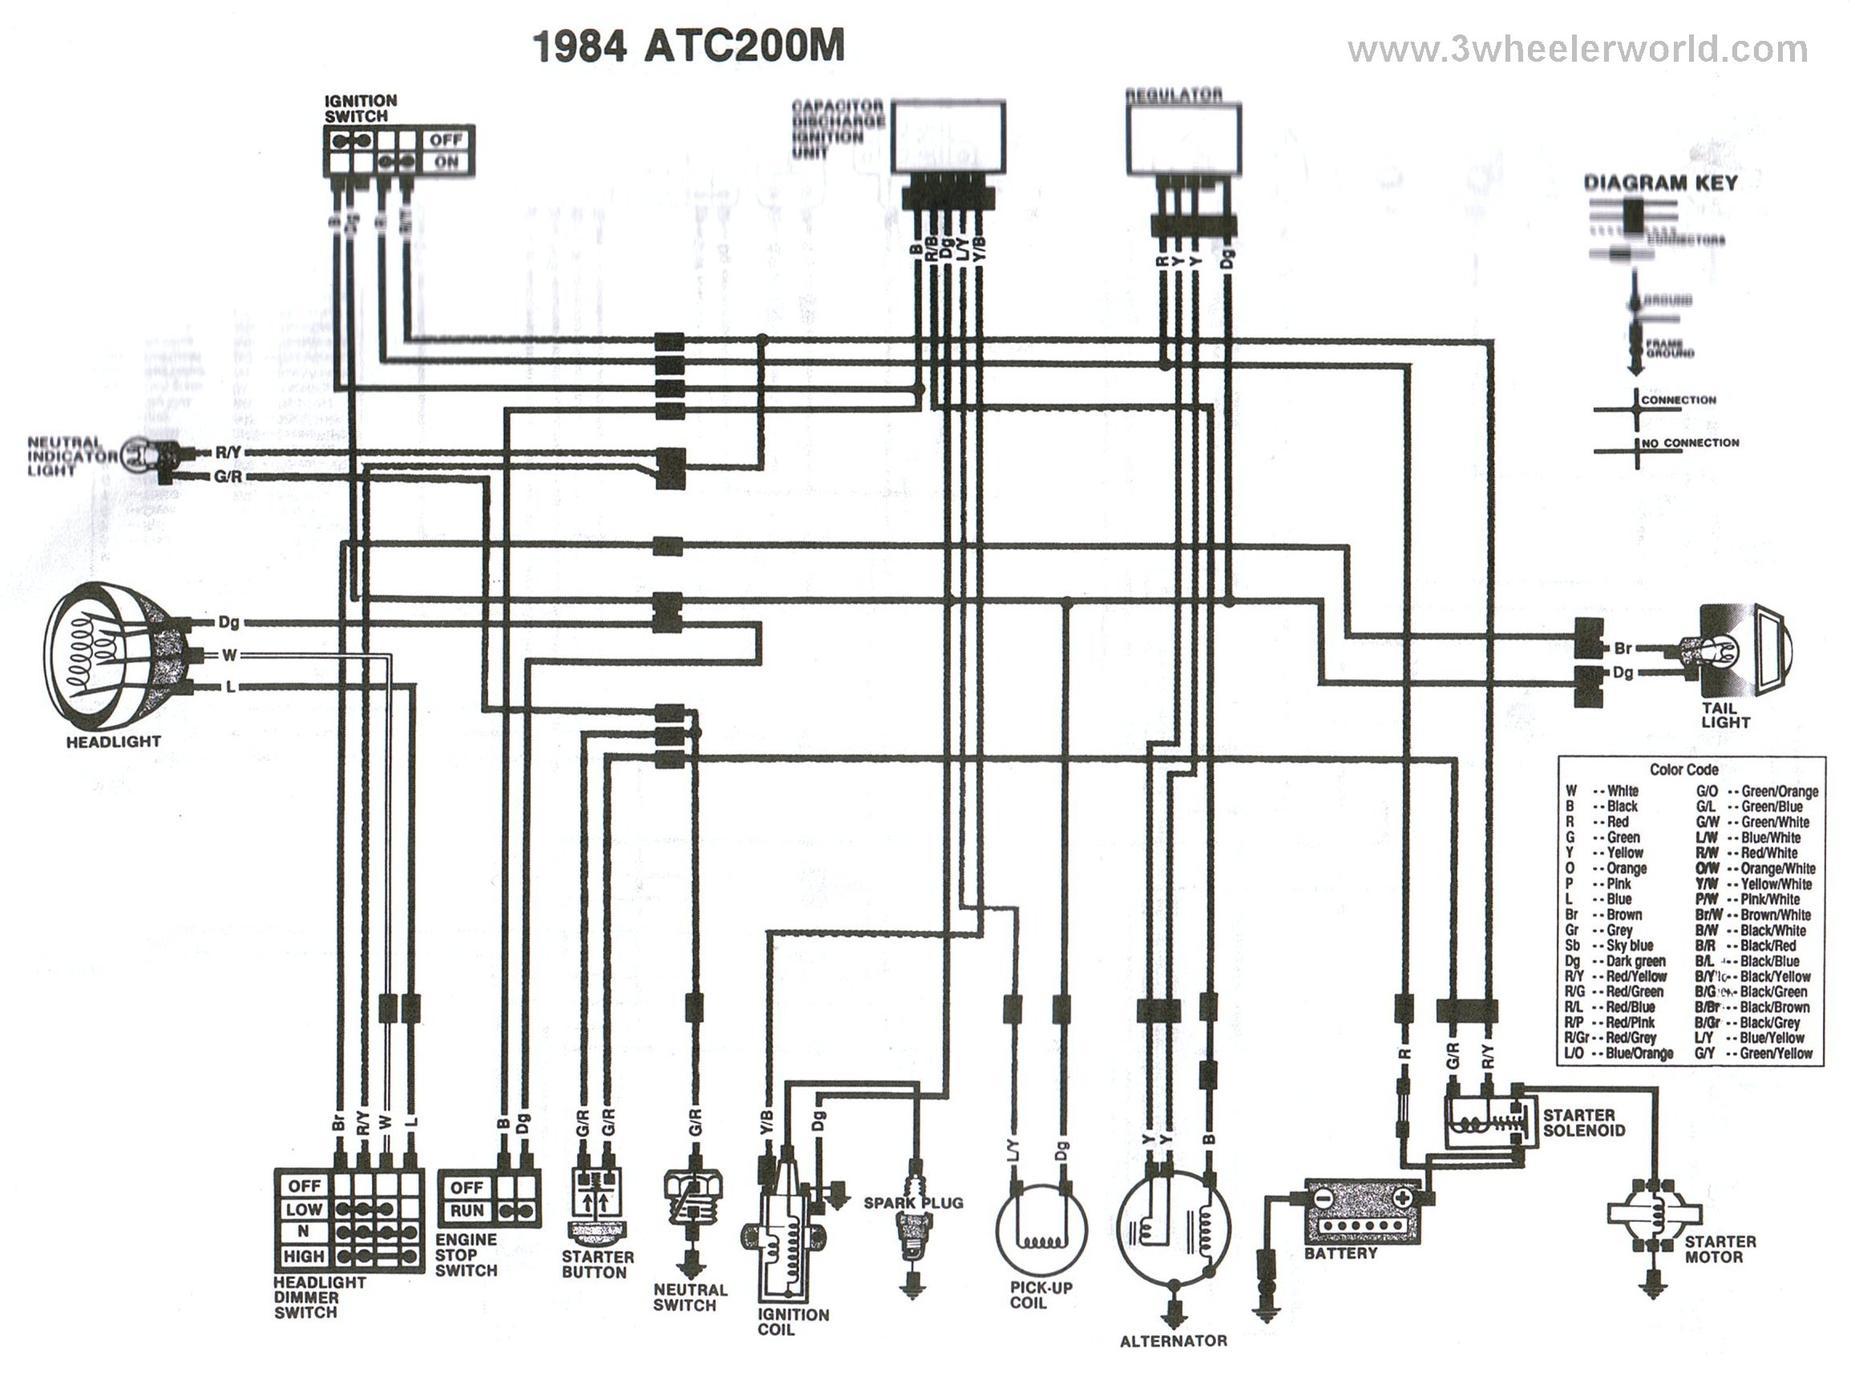 1991 Kawasaki Bayou 300 Wiring Diagram